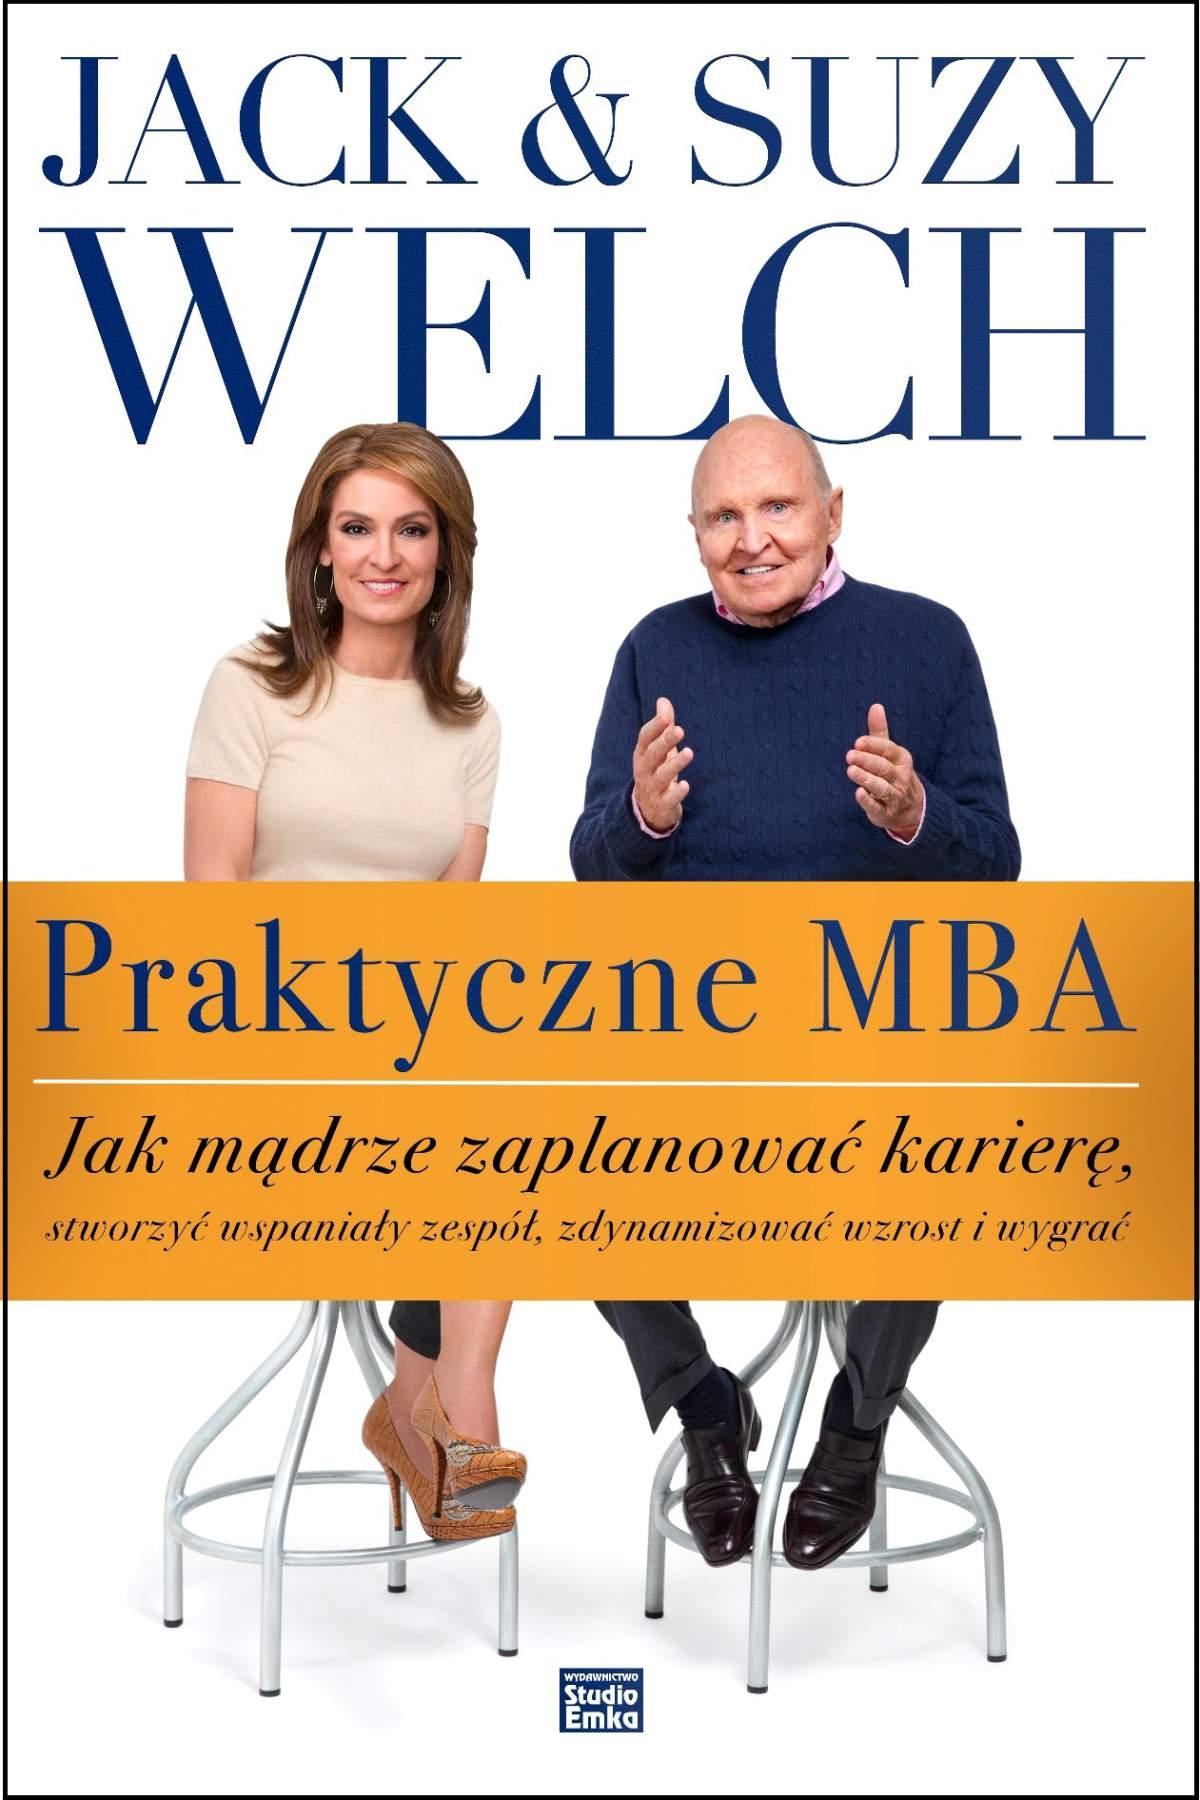 Praktyczne MBA. Jak mądrze zaplanować karierę, stworzyć wspaniały zespół, zdynamizować wzrost i wygrać - Ebook (Książka EPUB) do pobrania w formacie EPUB